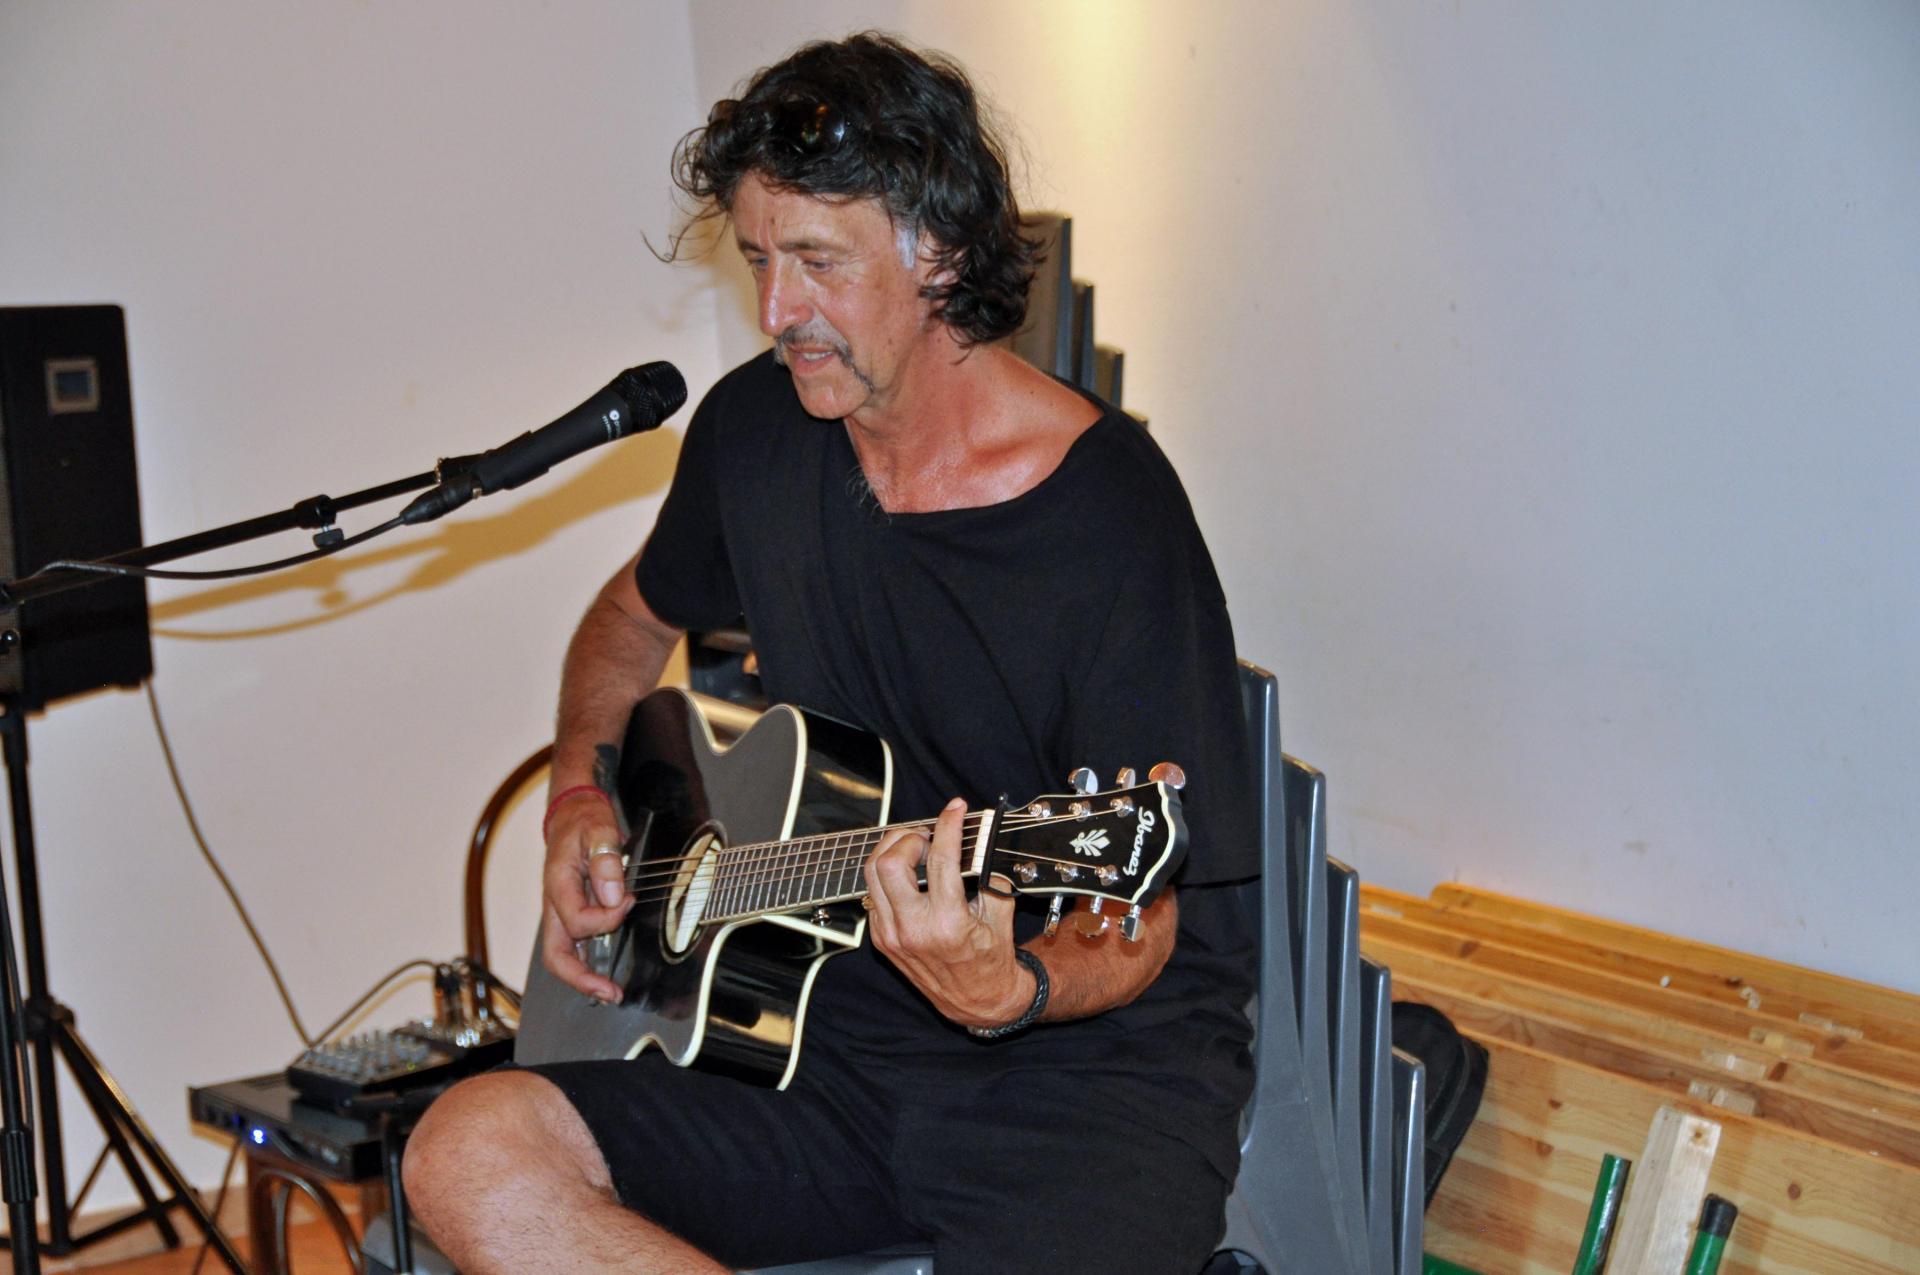 Didier bottero